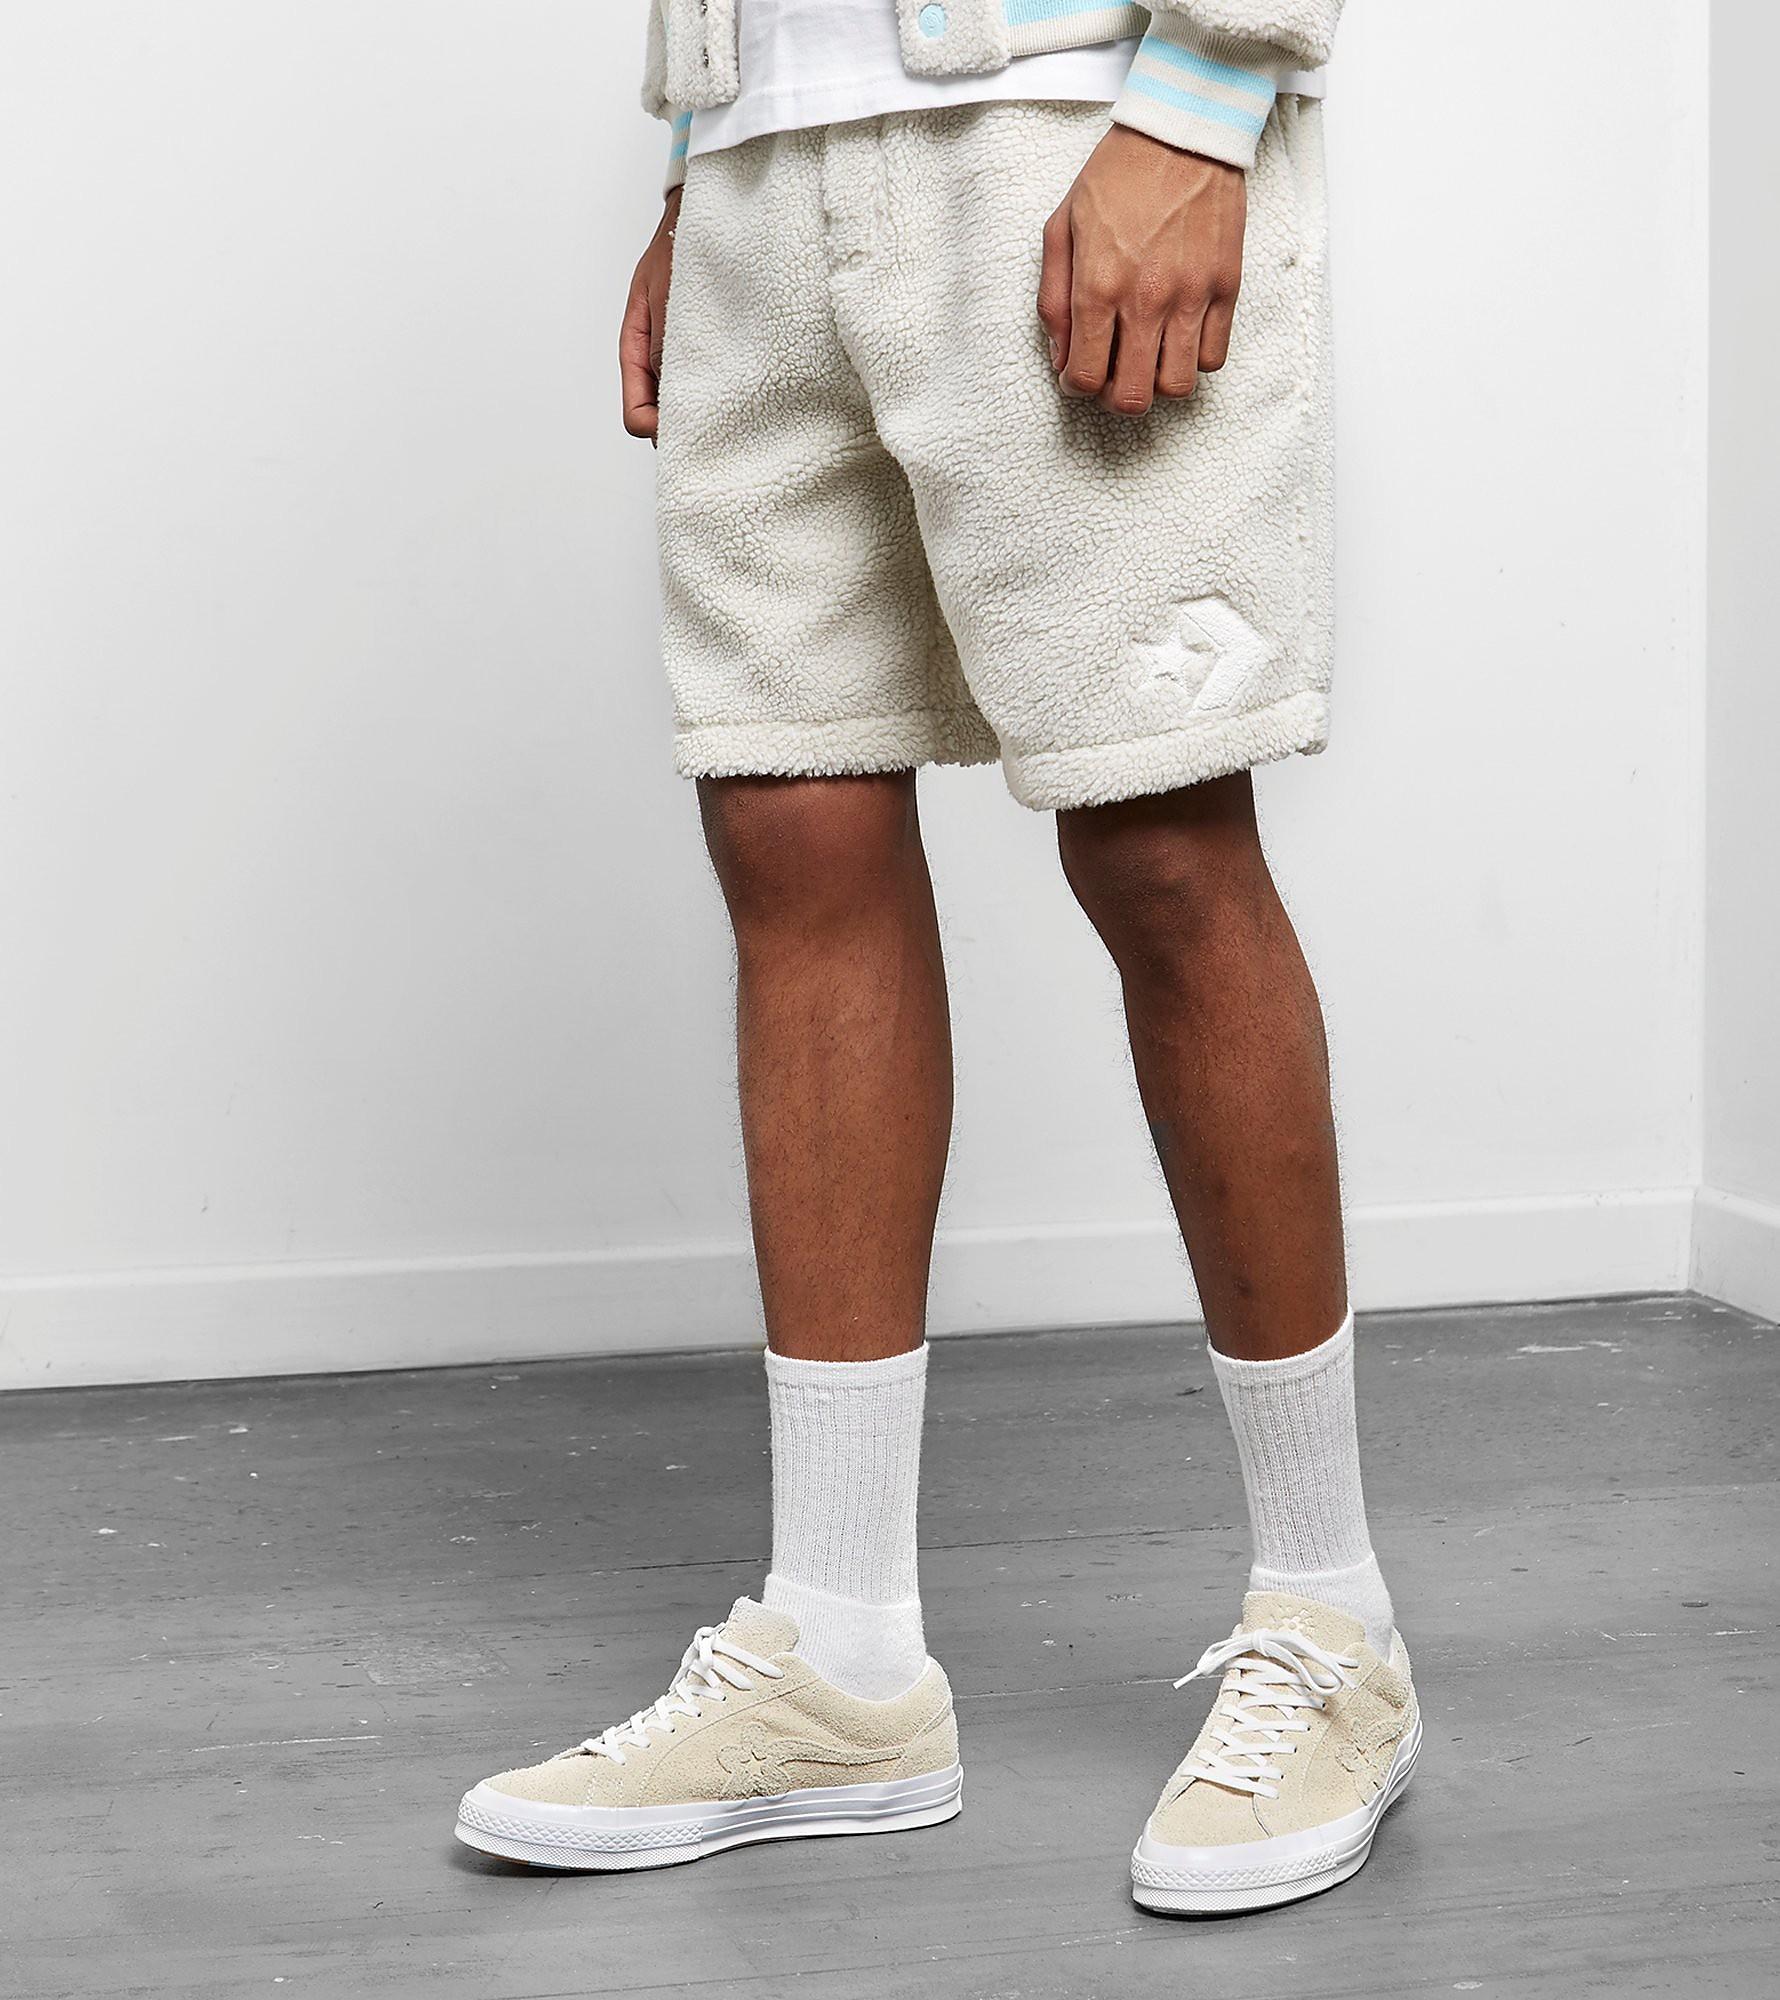 Converse x Golf le Fleur Shorts